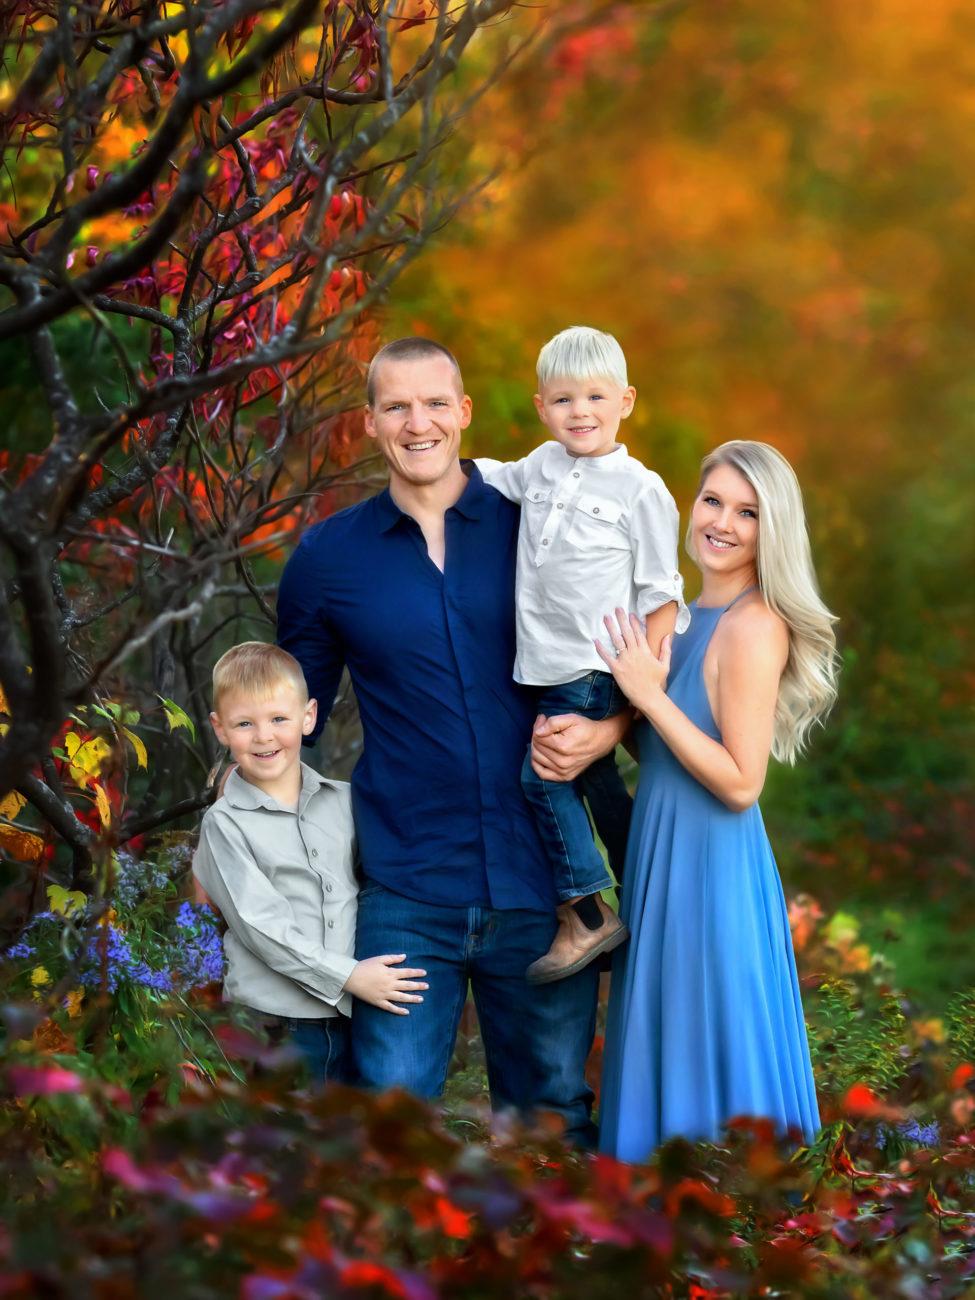 cedar rapids family photographer